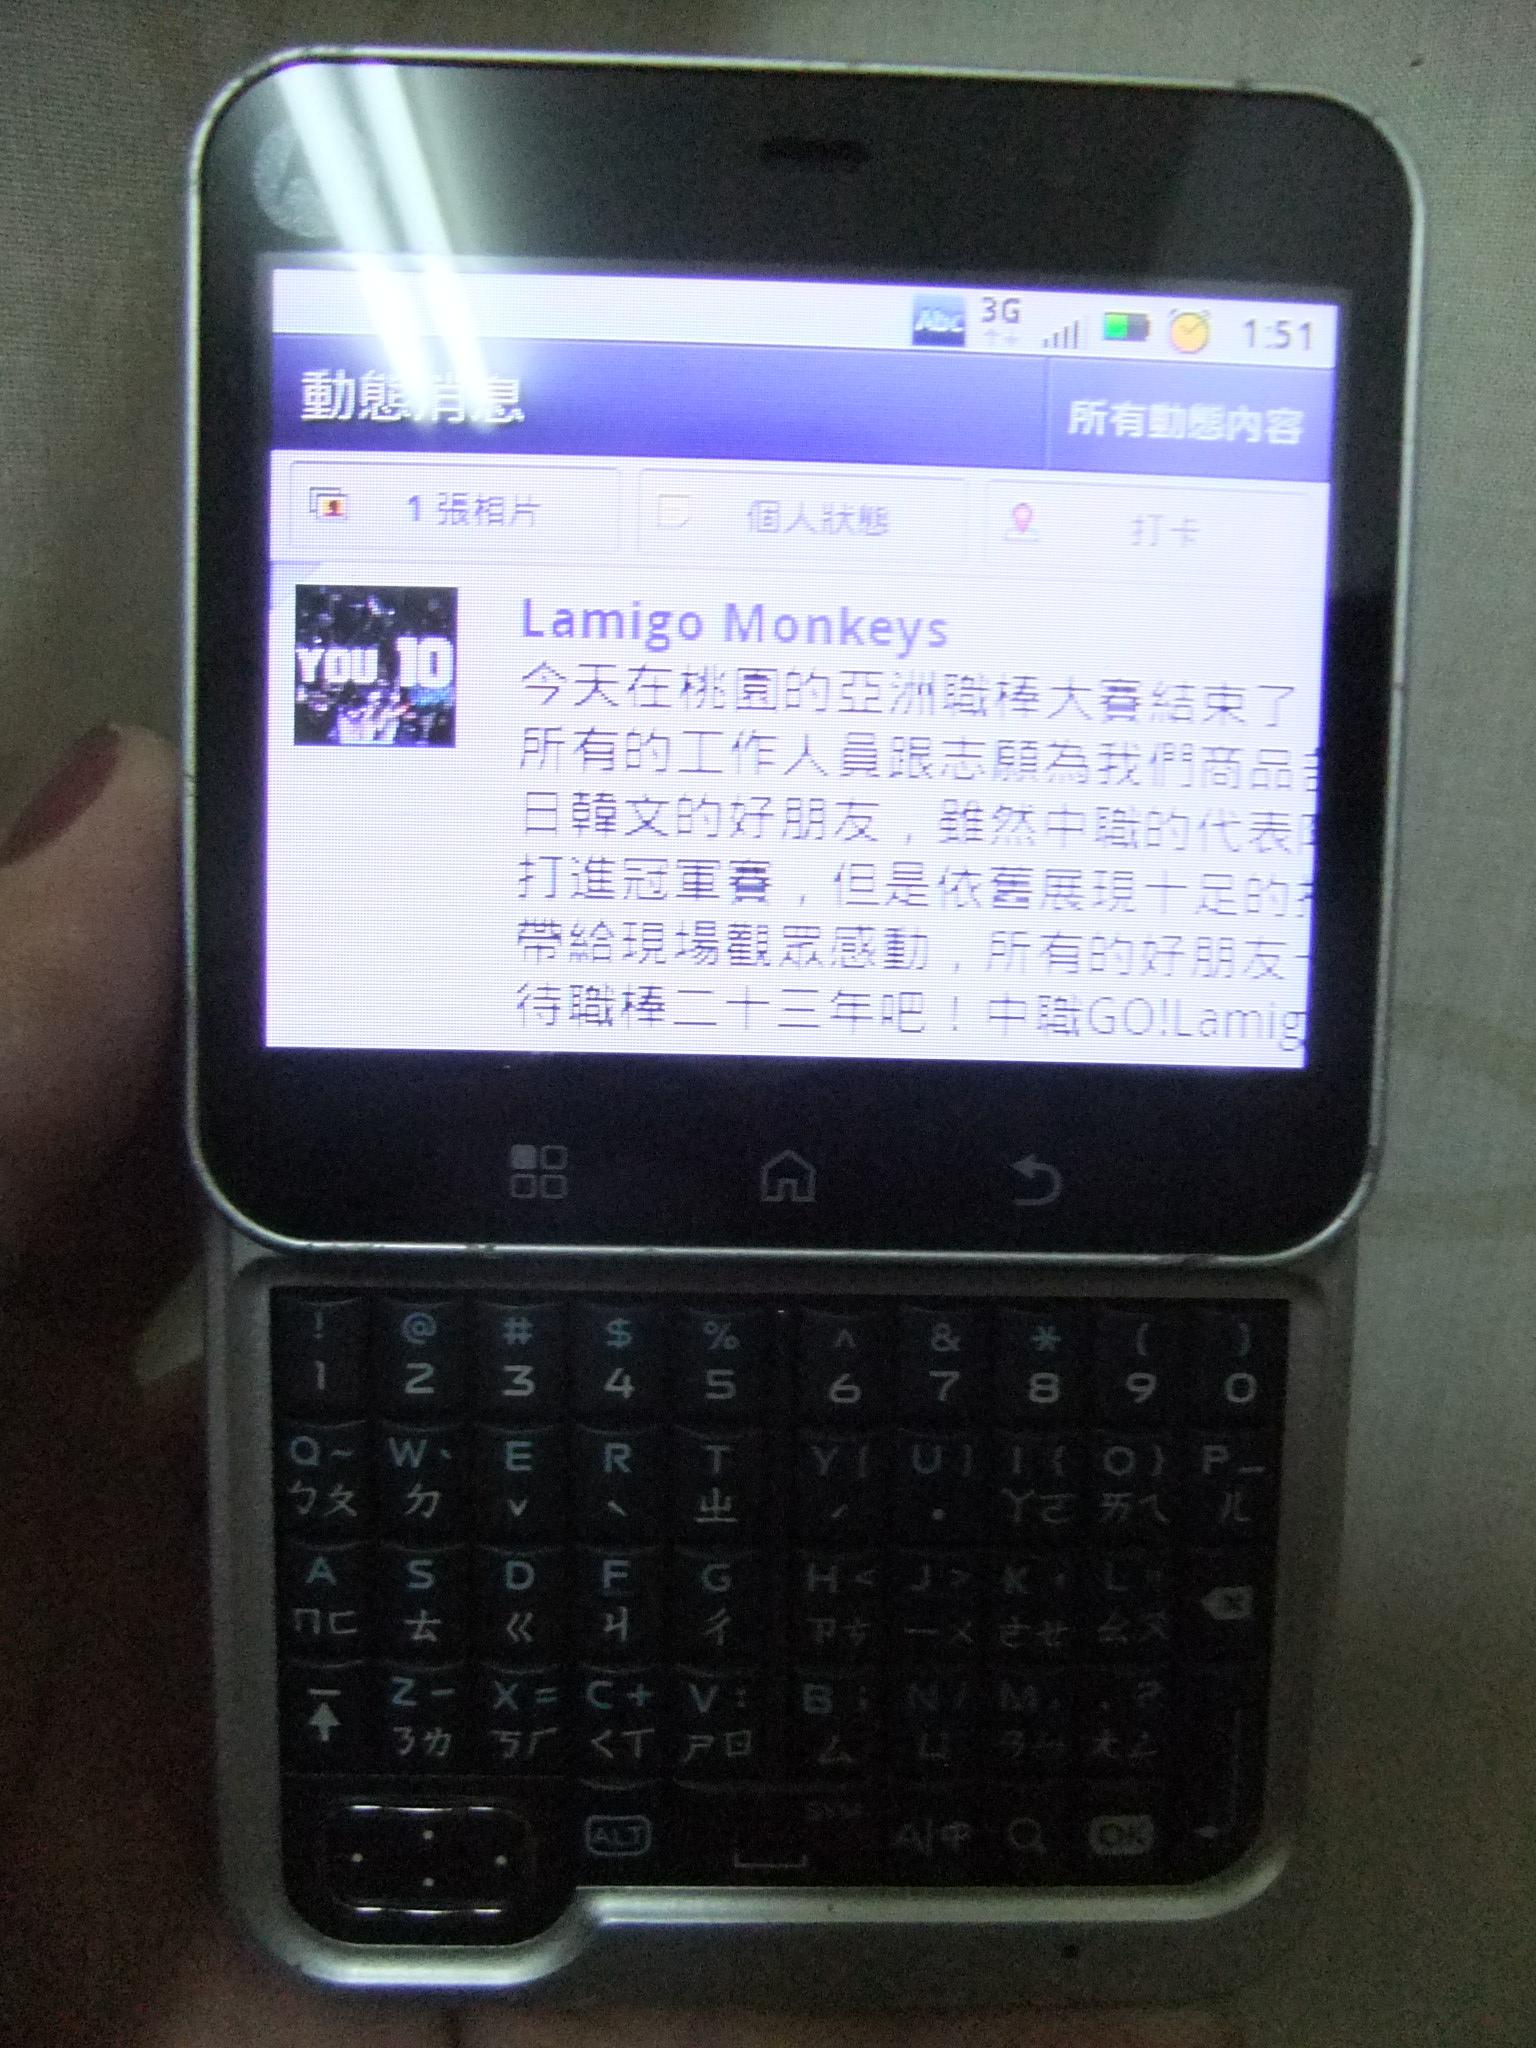 DSCF0997.JPG